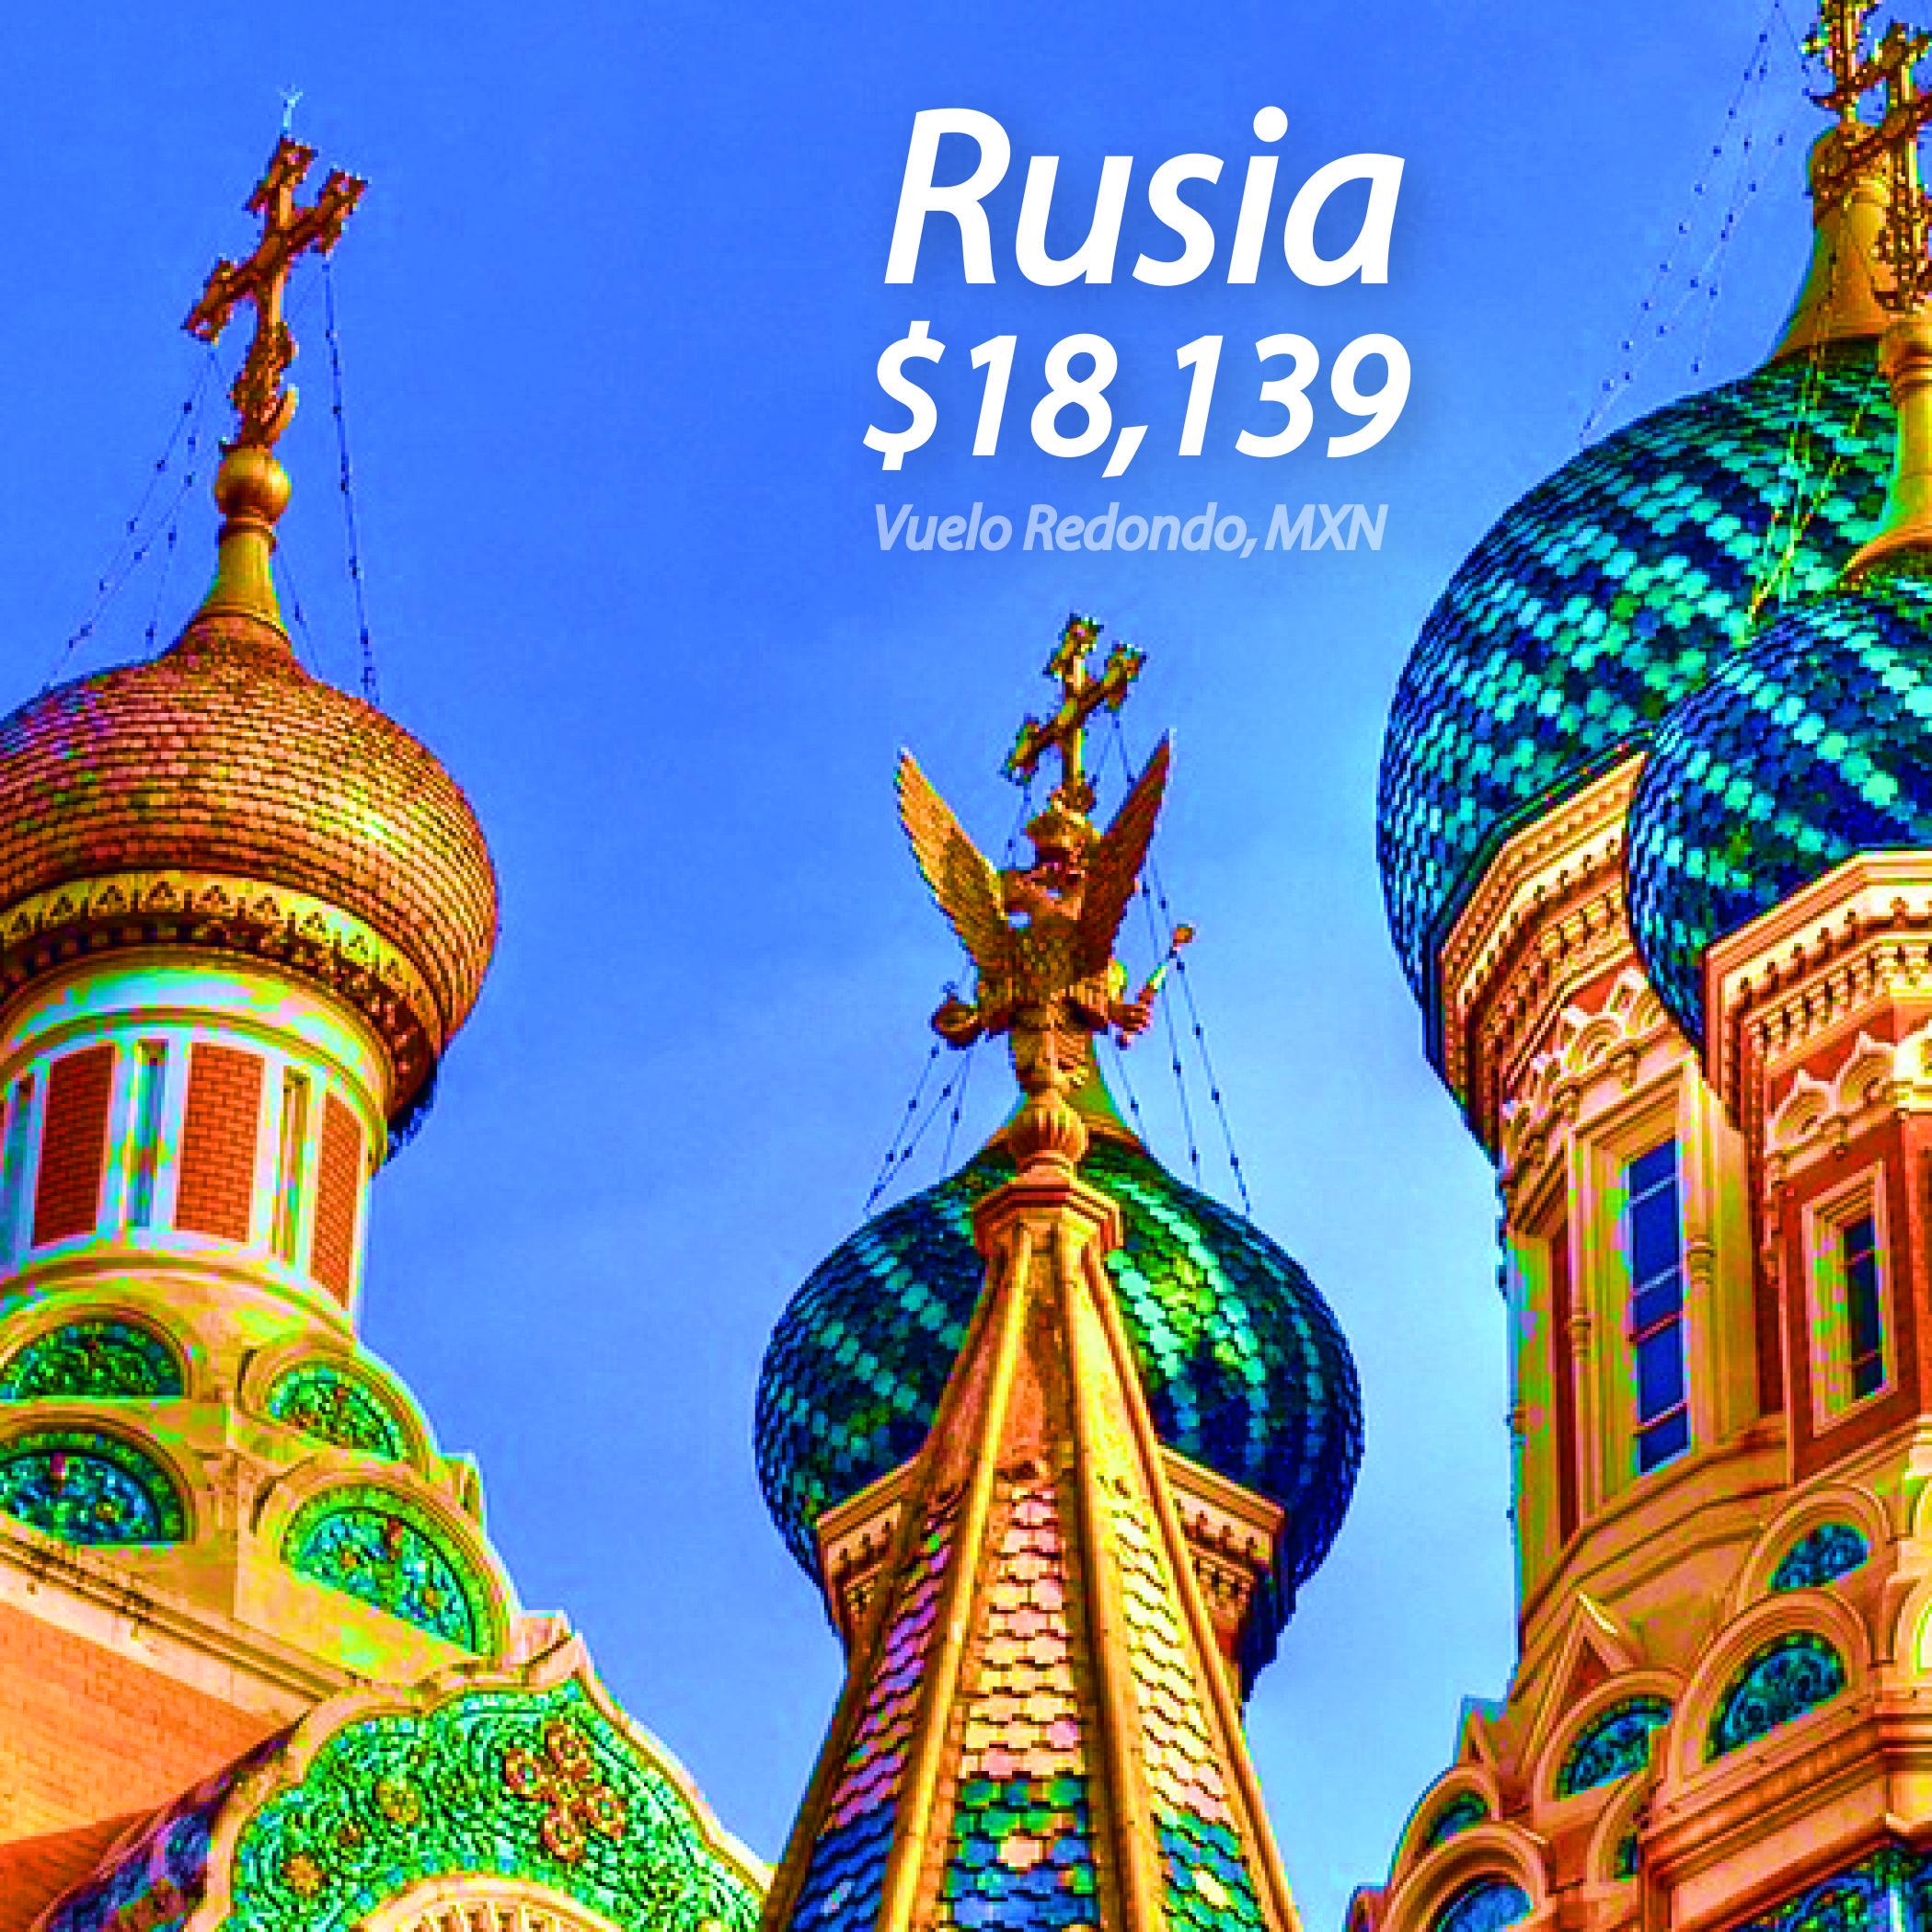 rusia-compressor